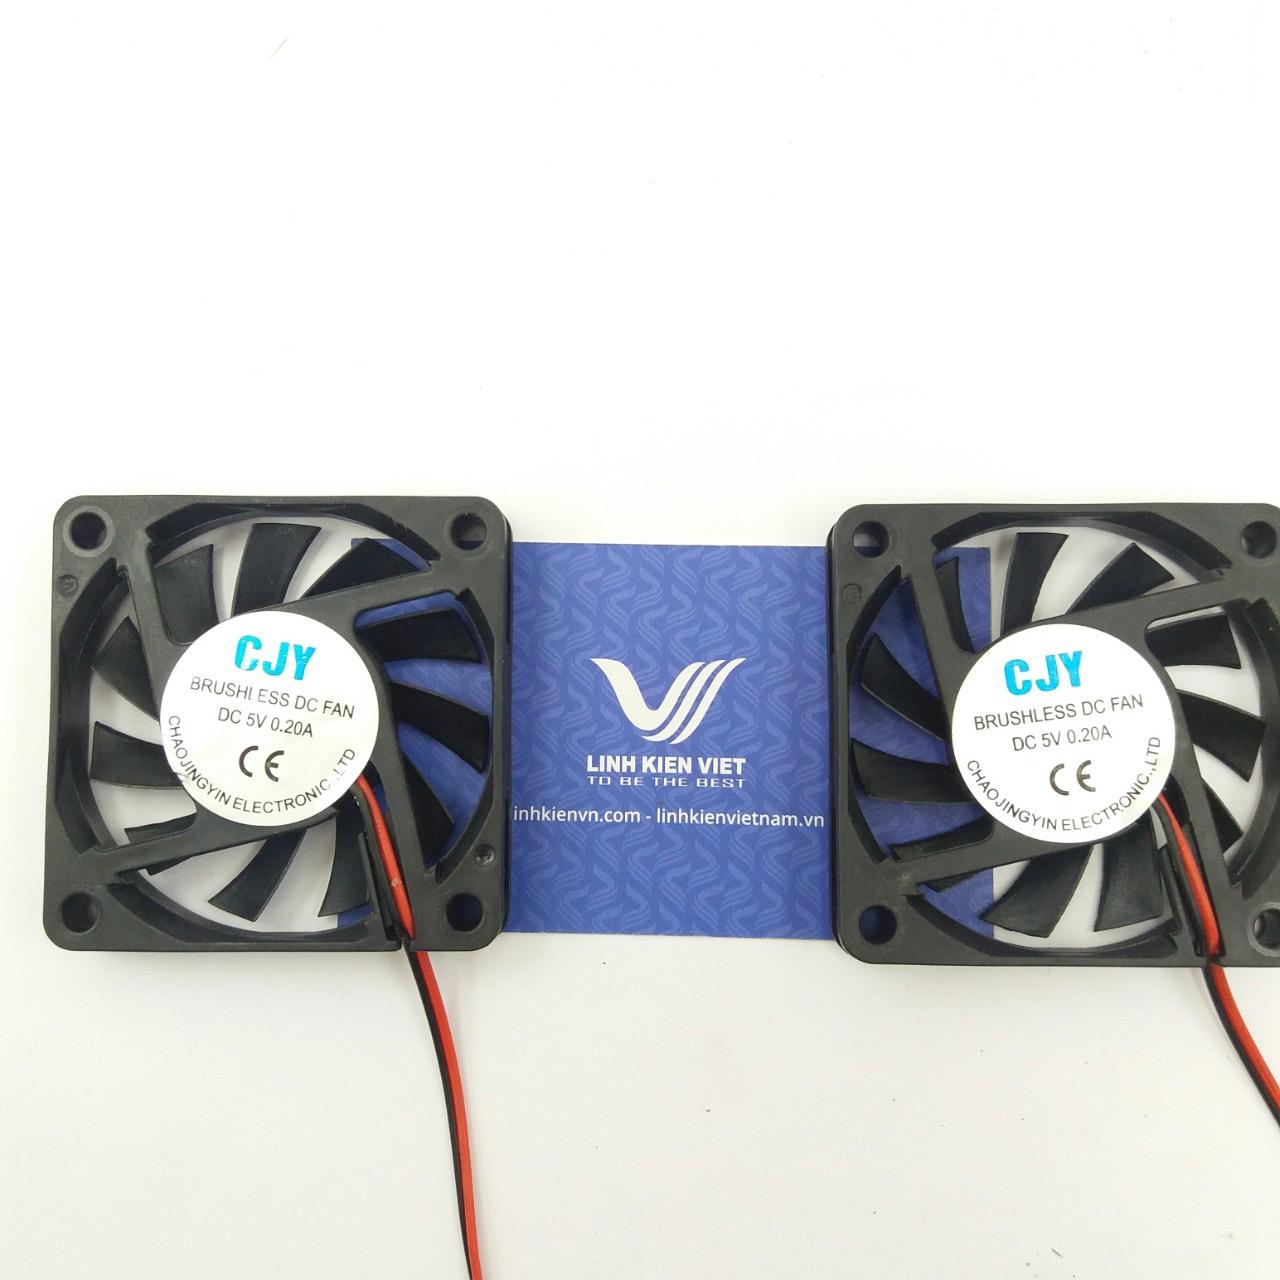 Quạt tản nhiệt 5V 6x6x1Cm / Quạt Fan 5V 6x6x1 Cm - i8H19